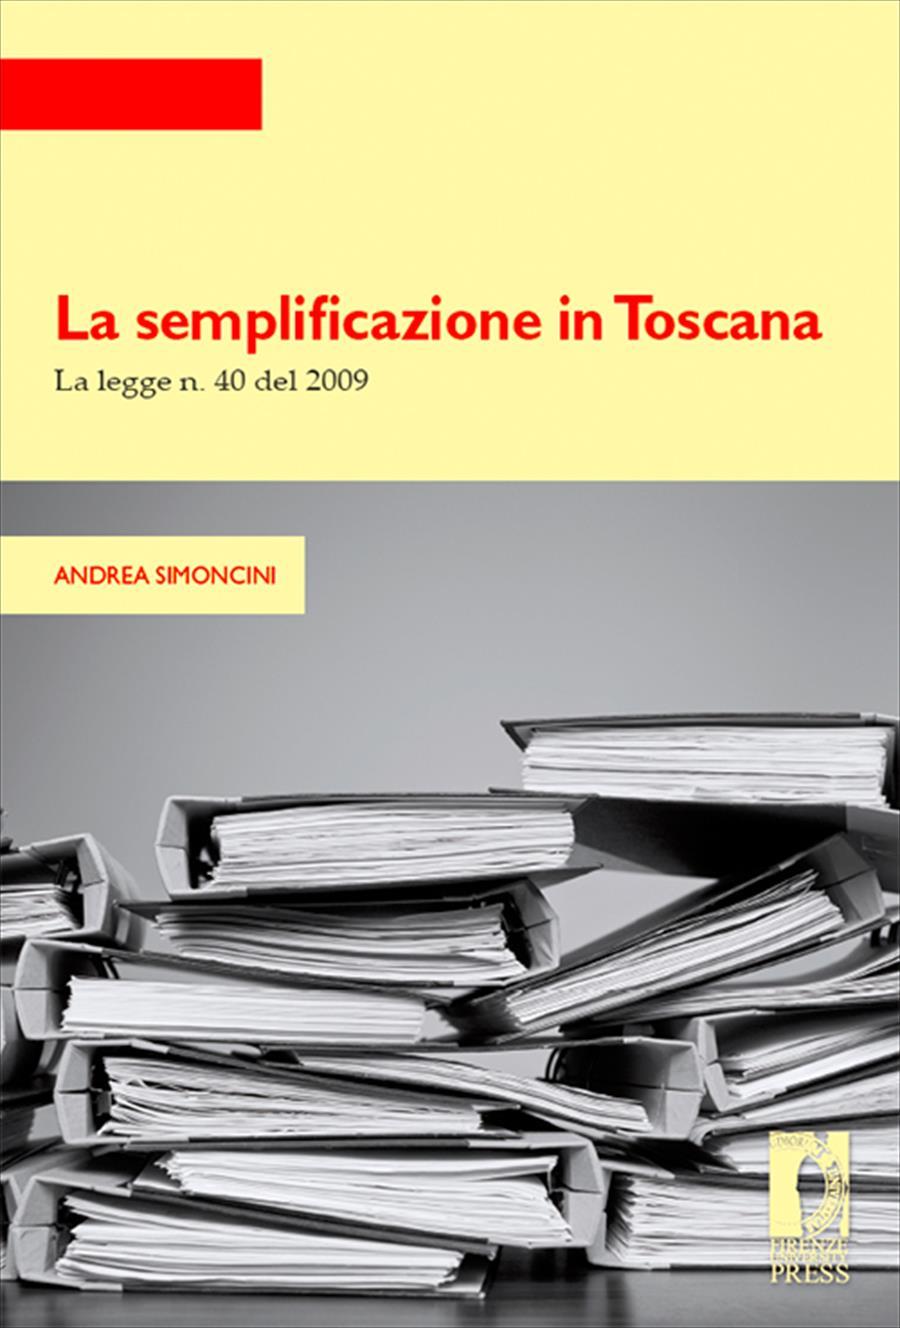 La semplificazione in Toscana